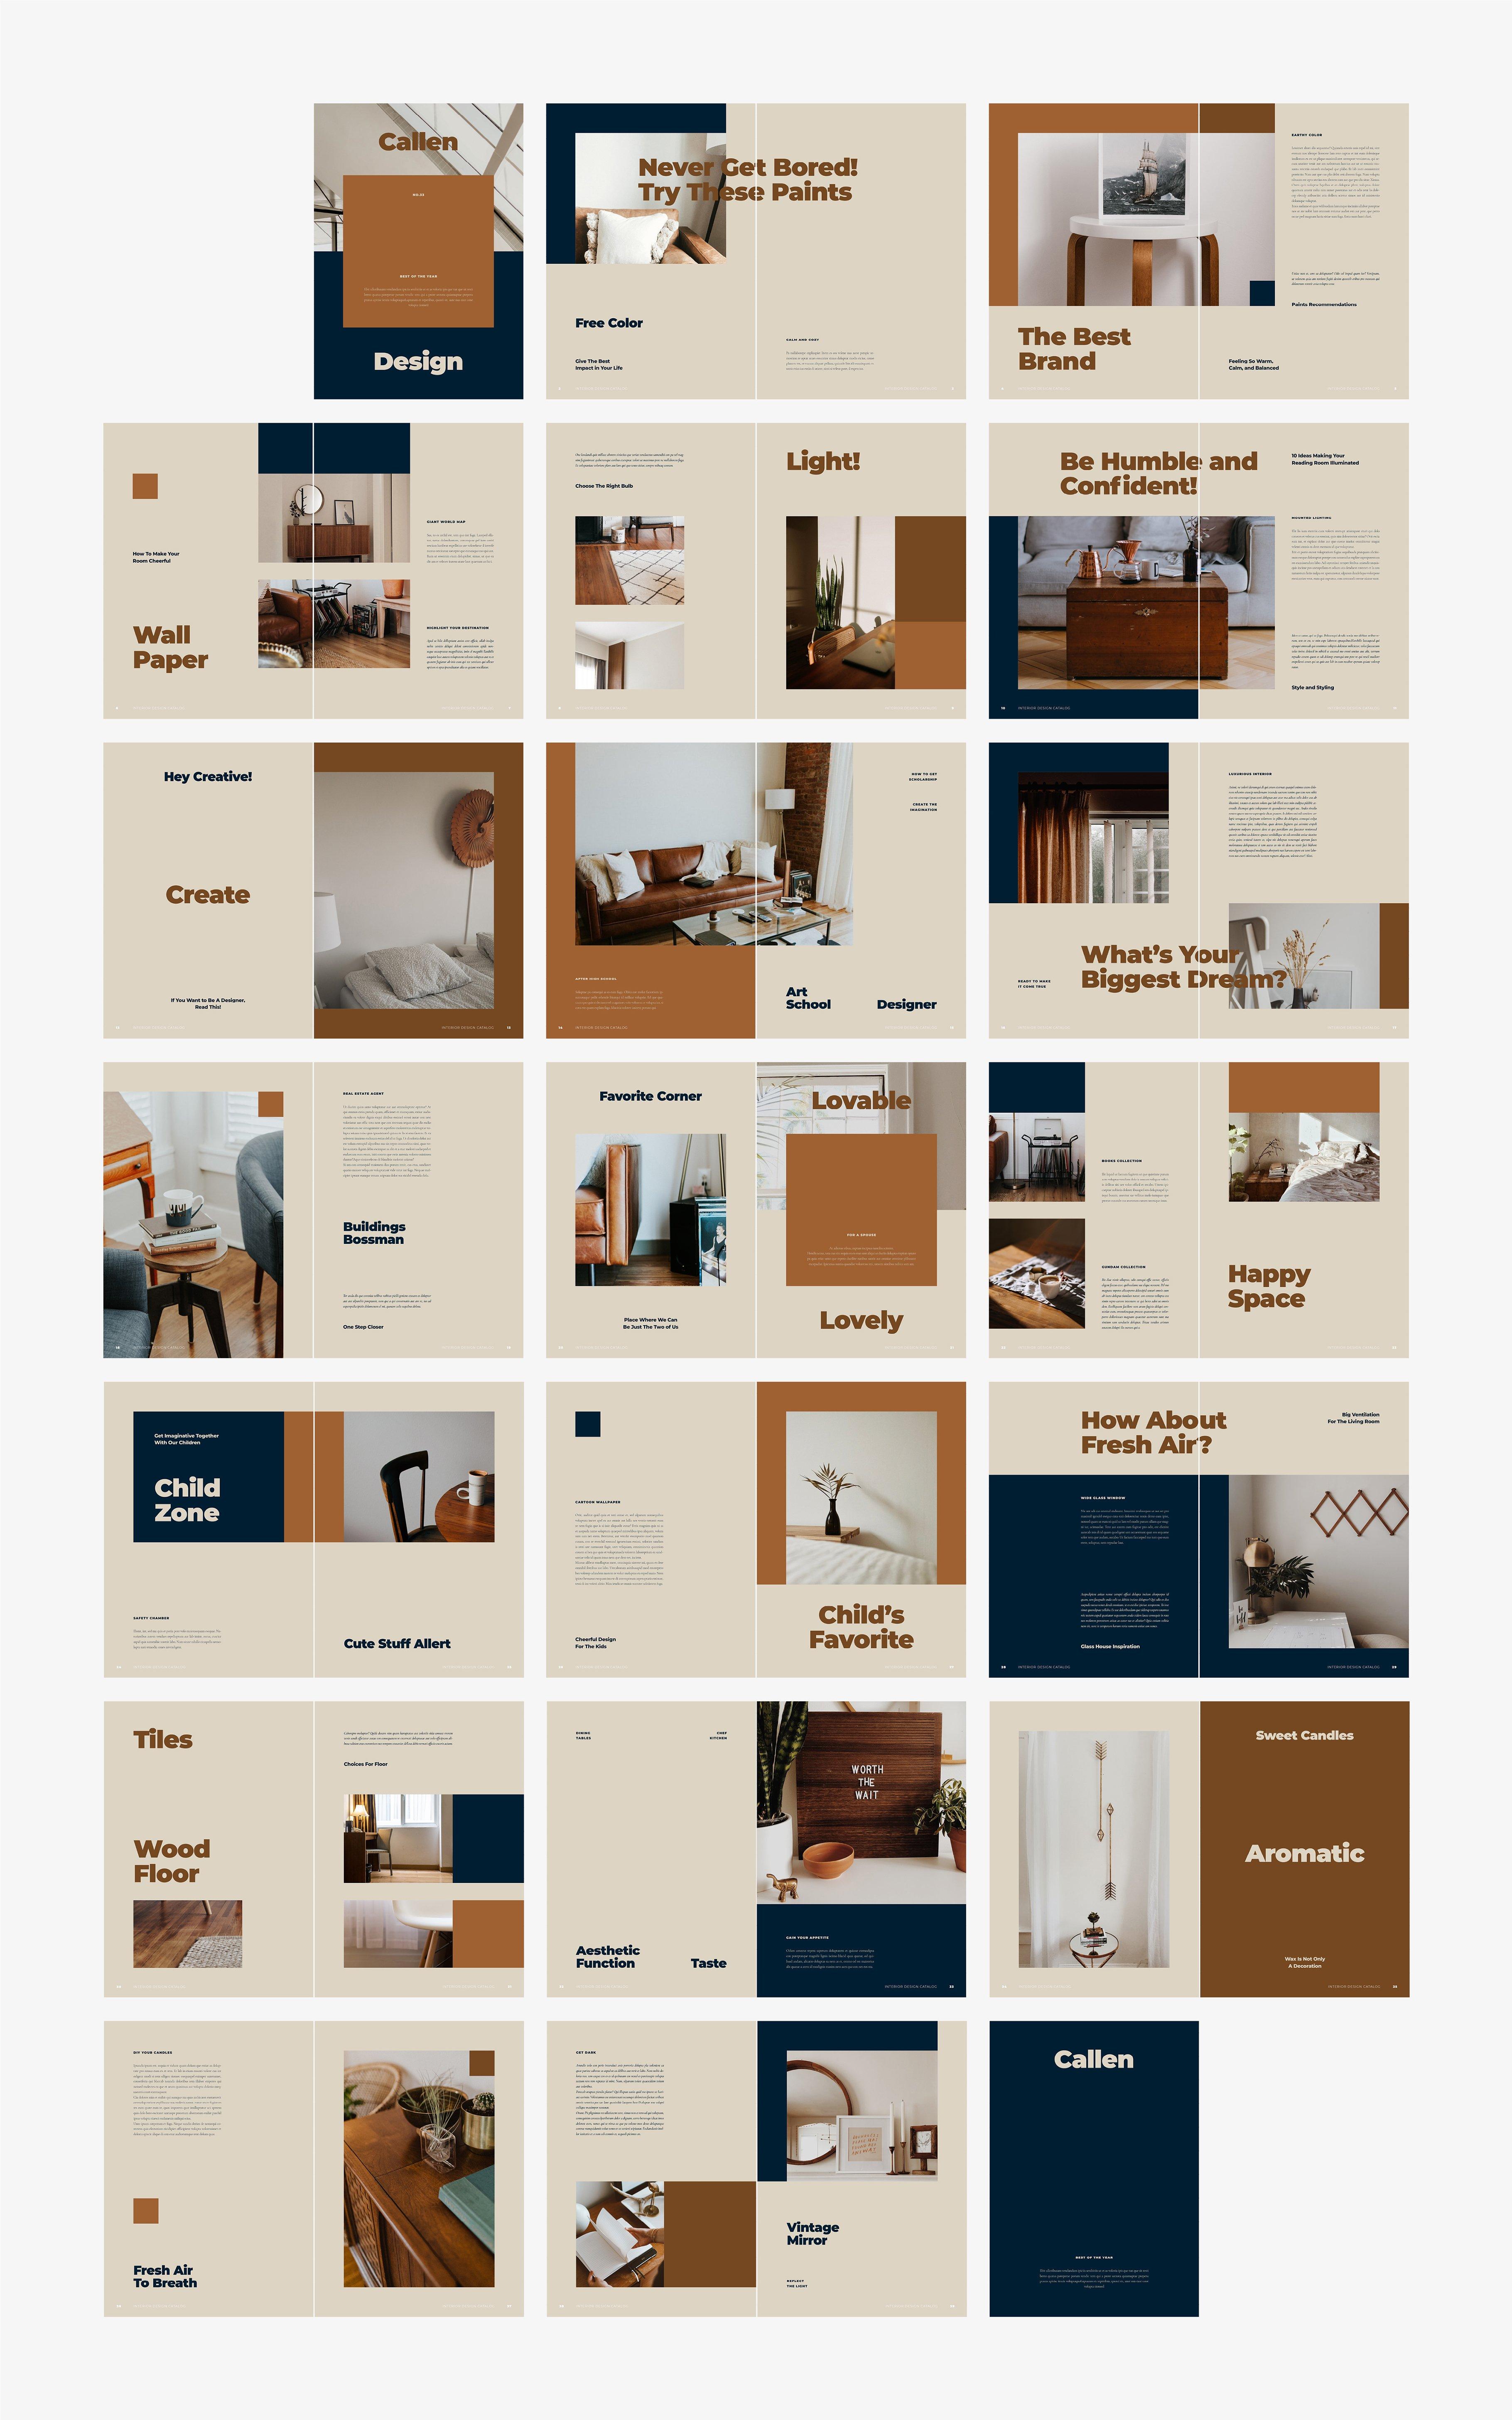 室内设计摄影作品集目录INDD画册模板 CALLEN Interior Design Catalog插图(6)